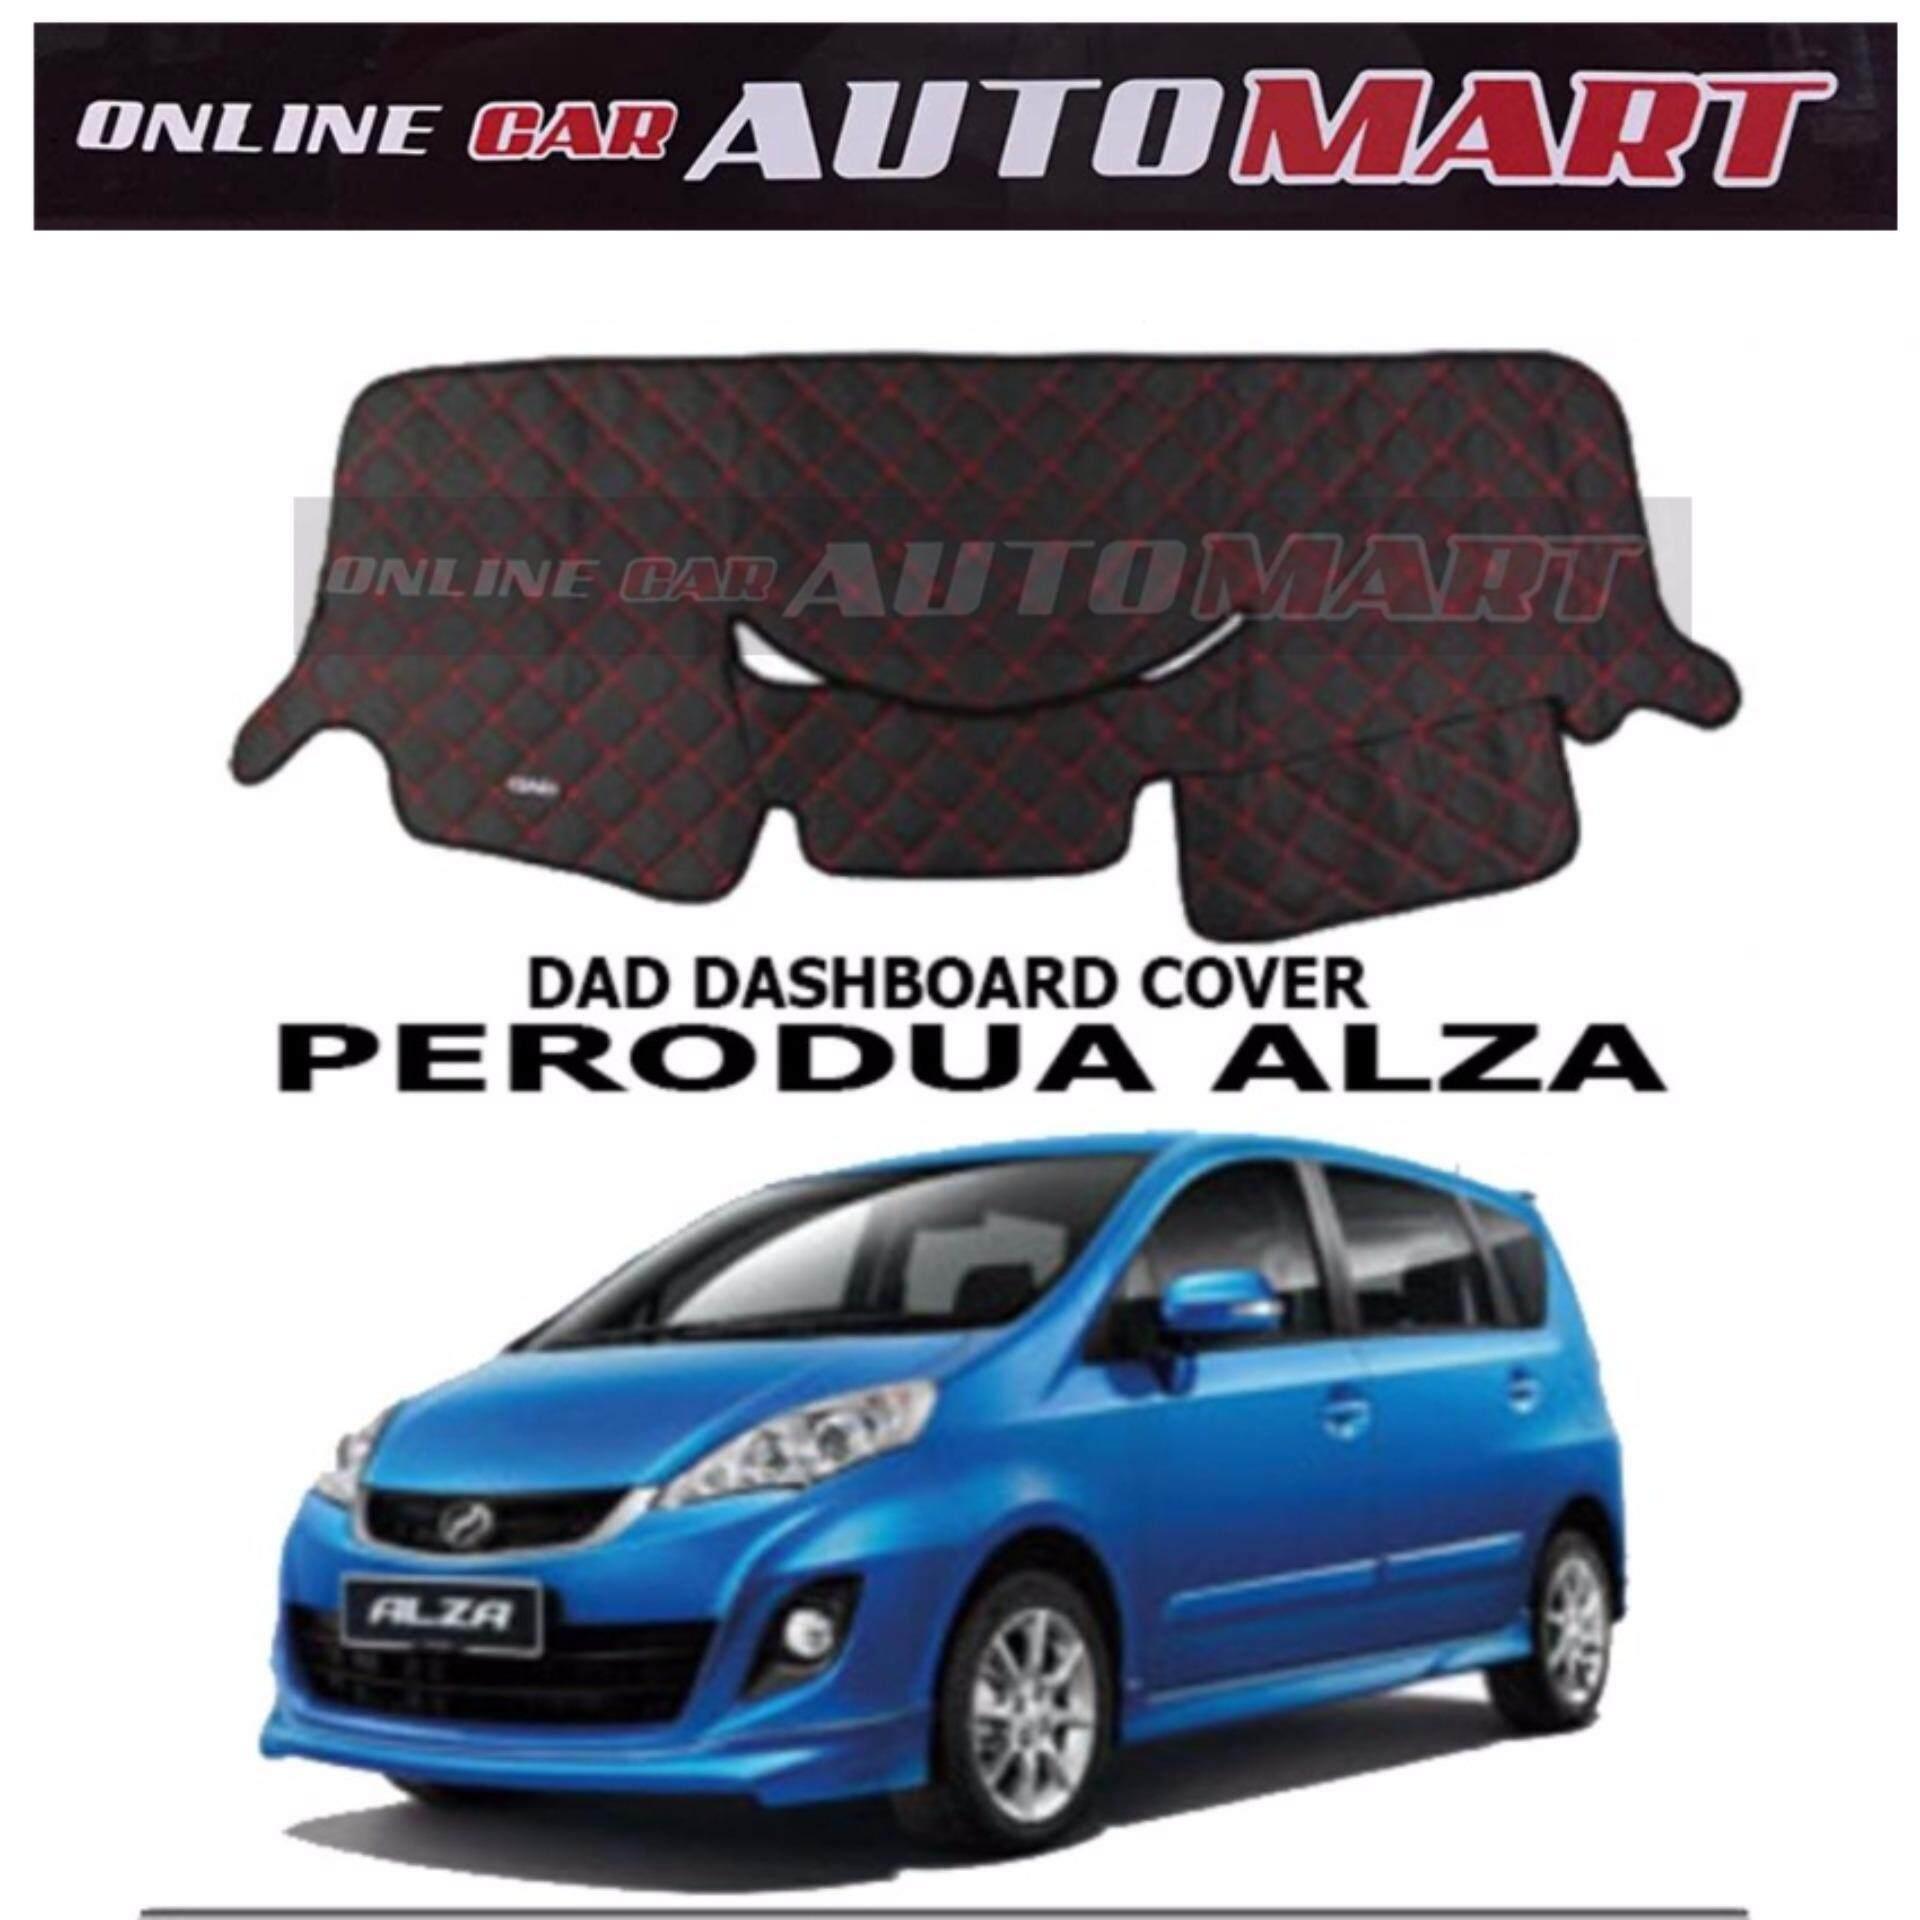 Non Slip Car Dashboard Cover - Perodua Alza